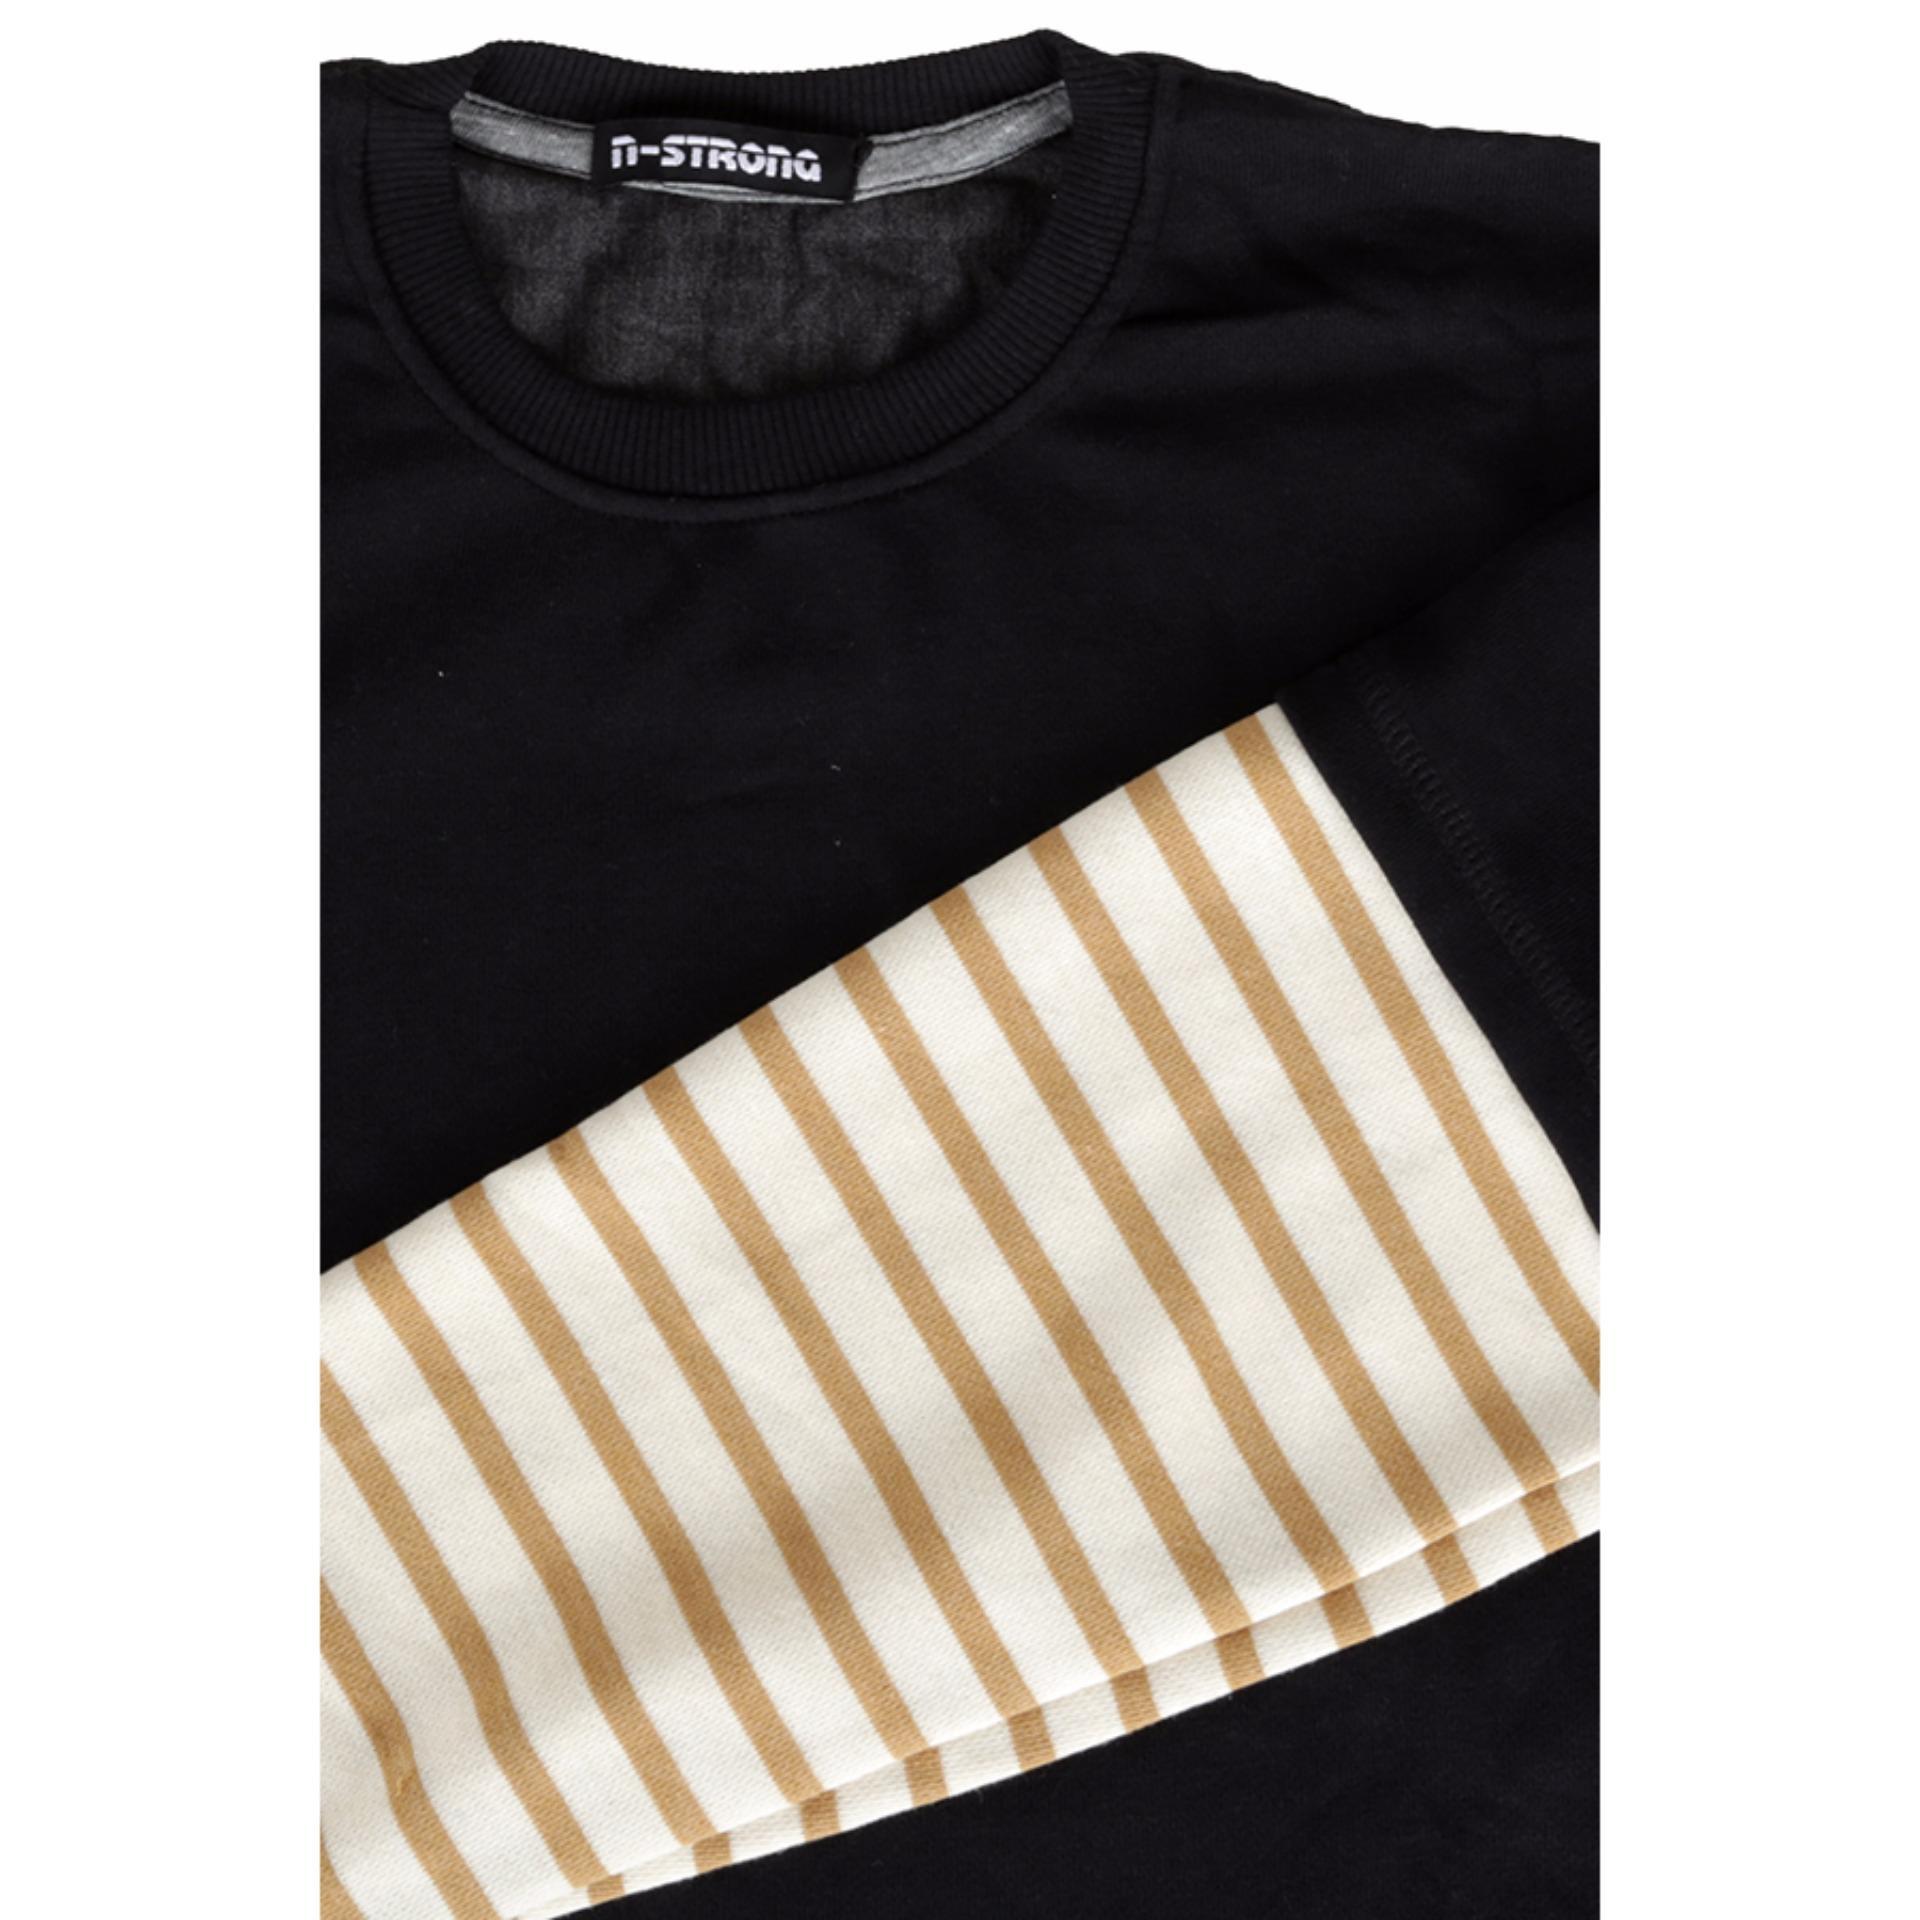 Elfs Shop - Kaos Lengan Panjang Pria T-Shirt Terry Lengan Salur-Hitam .